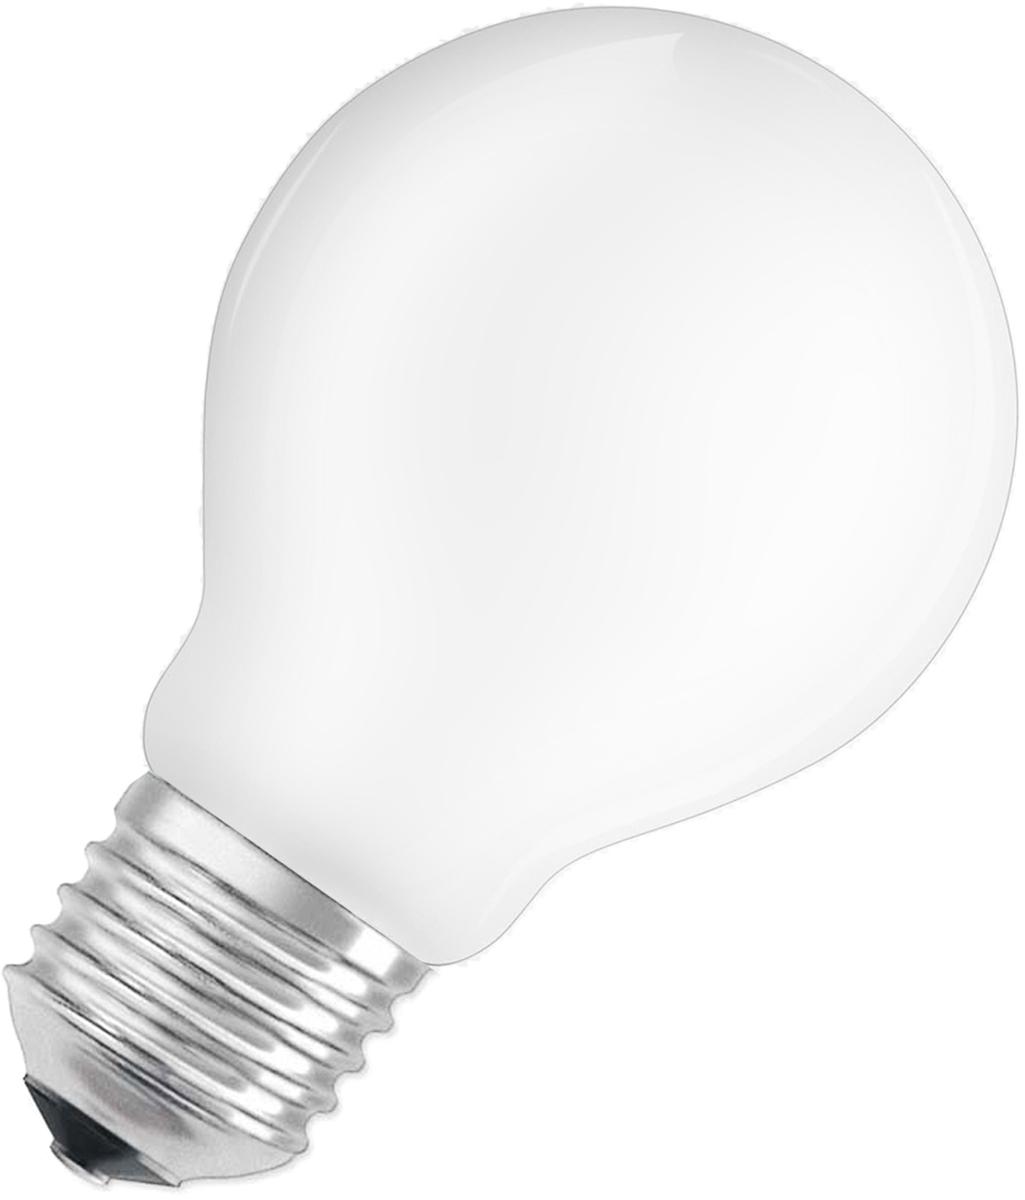 Лампа накаливания Osram Classic A FR 40Вт E27 220-240В 40083214194154008321419415Светодиодные энергосберегающие лампы потребляют на 70% меньше электроэнергии, что не только экономит деньги, но и снижает нагрузку на проводку. Свет, который излучают светодиодные светильники, не раздражает глаза и может быть разным по интенсивности и световой температуре. Они легко монтируются в стены и потолки, в том числе и в натяжные. Разнообразный дизайн позволяет подобрать светодиодные лампы для любого пространства.